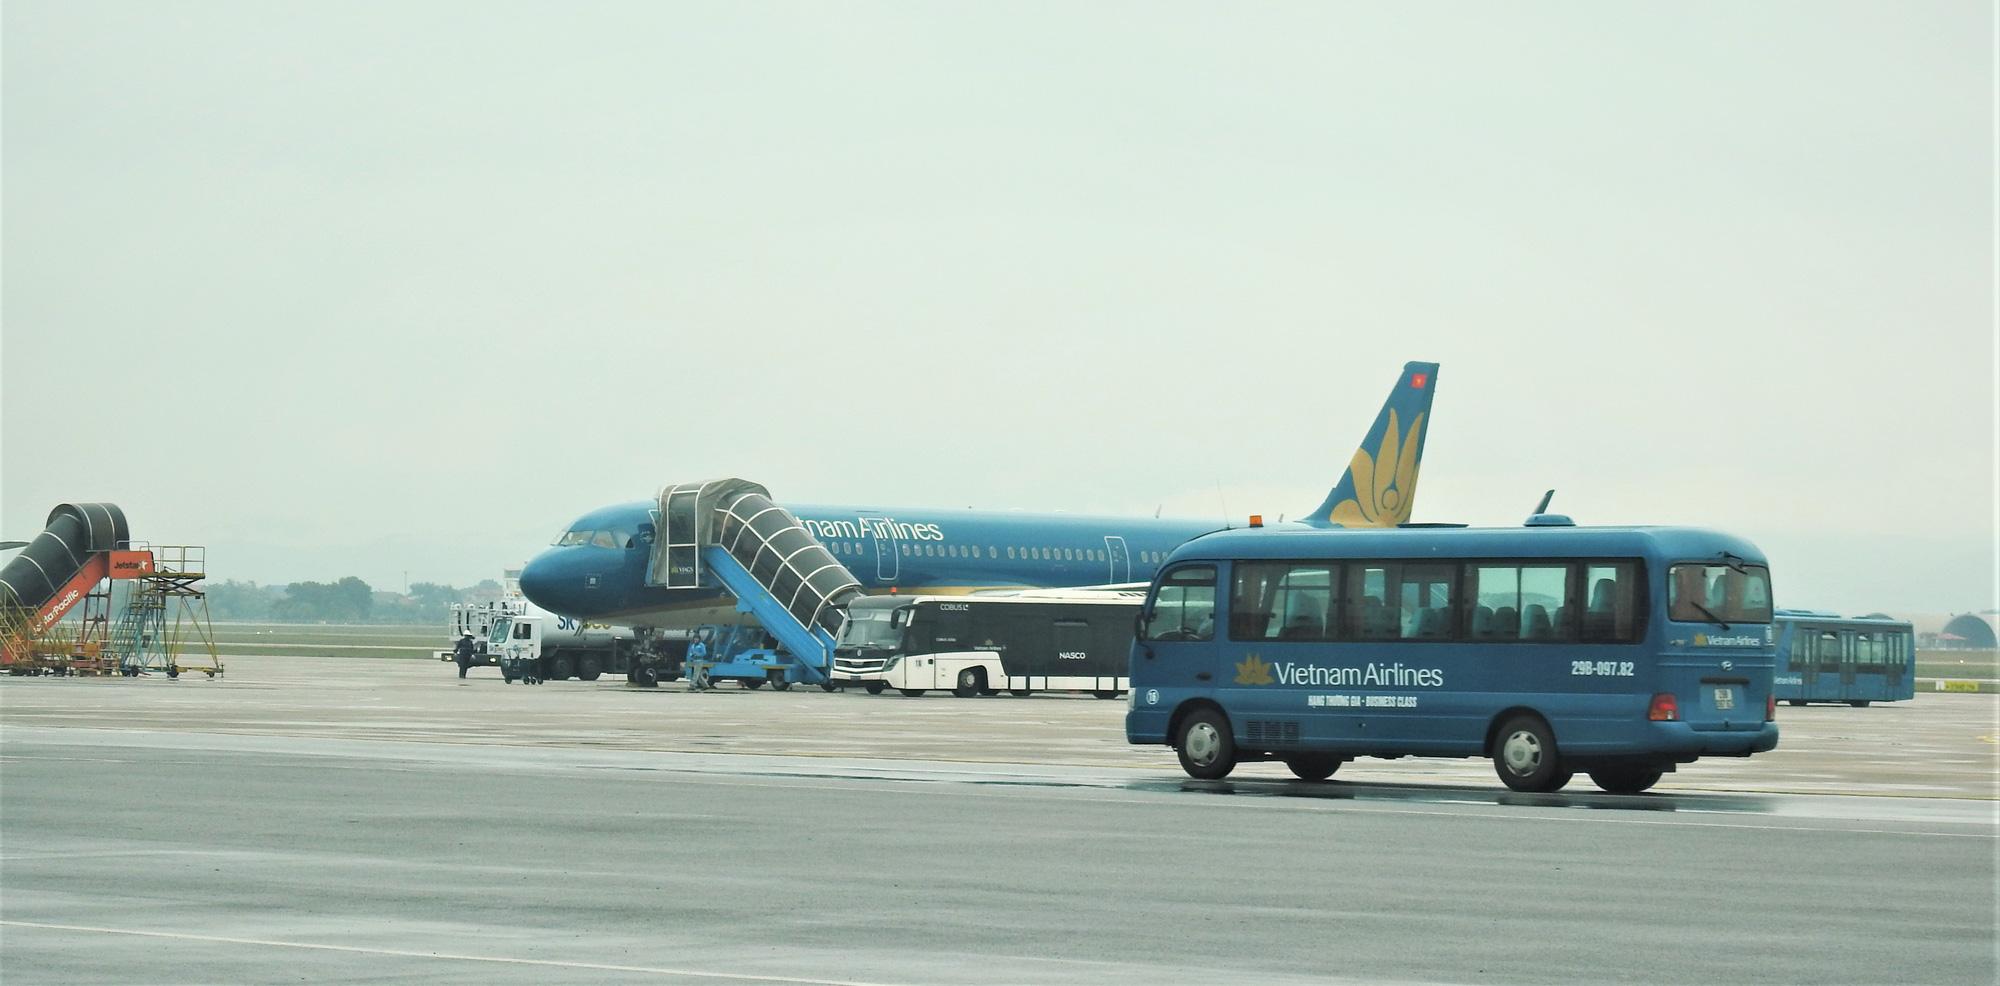 Cục Hàng không yêu cầu các hãng bay tăng chuyến phục vụ Tết Canh Tý 2020 - Ảnh 2.